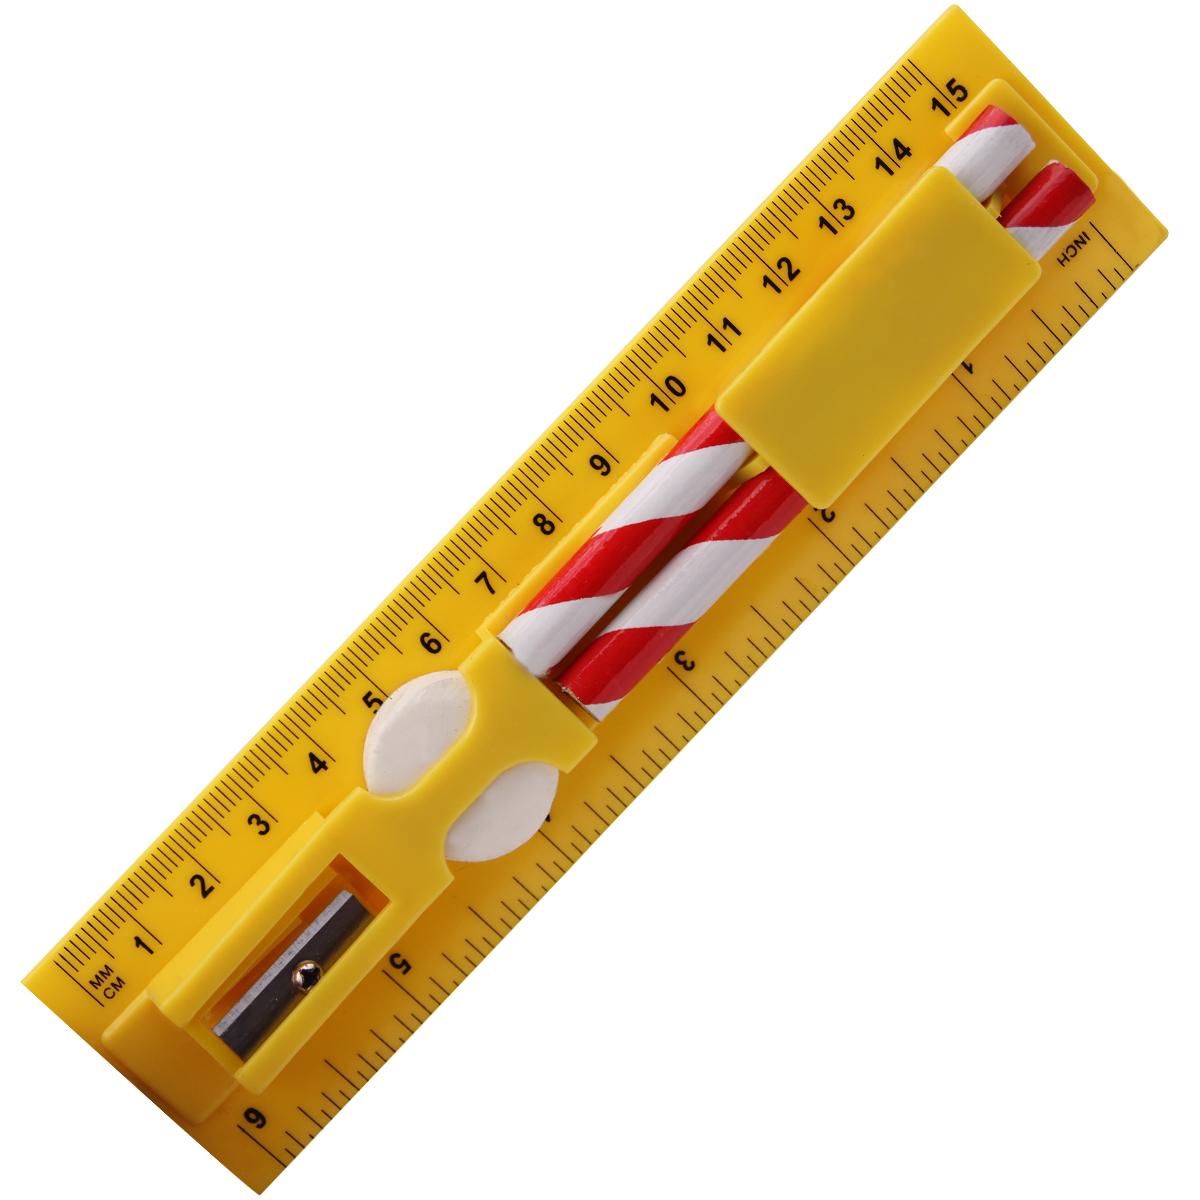 学生鉛筆消しゴム削りプラスチック 15 センチメートルスクール定規セット